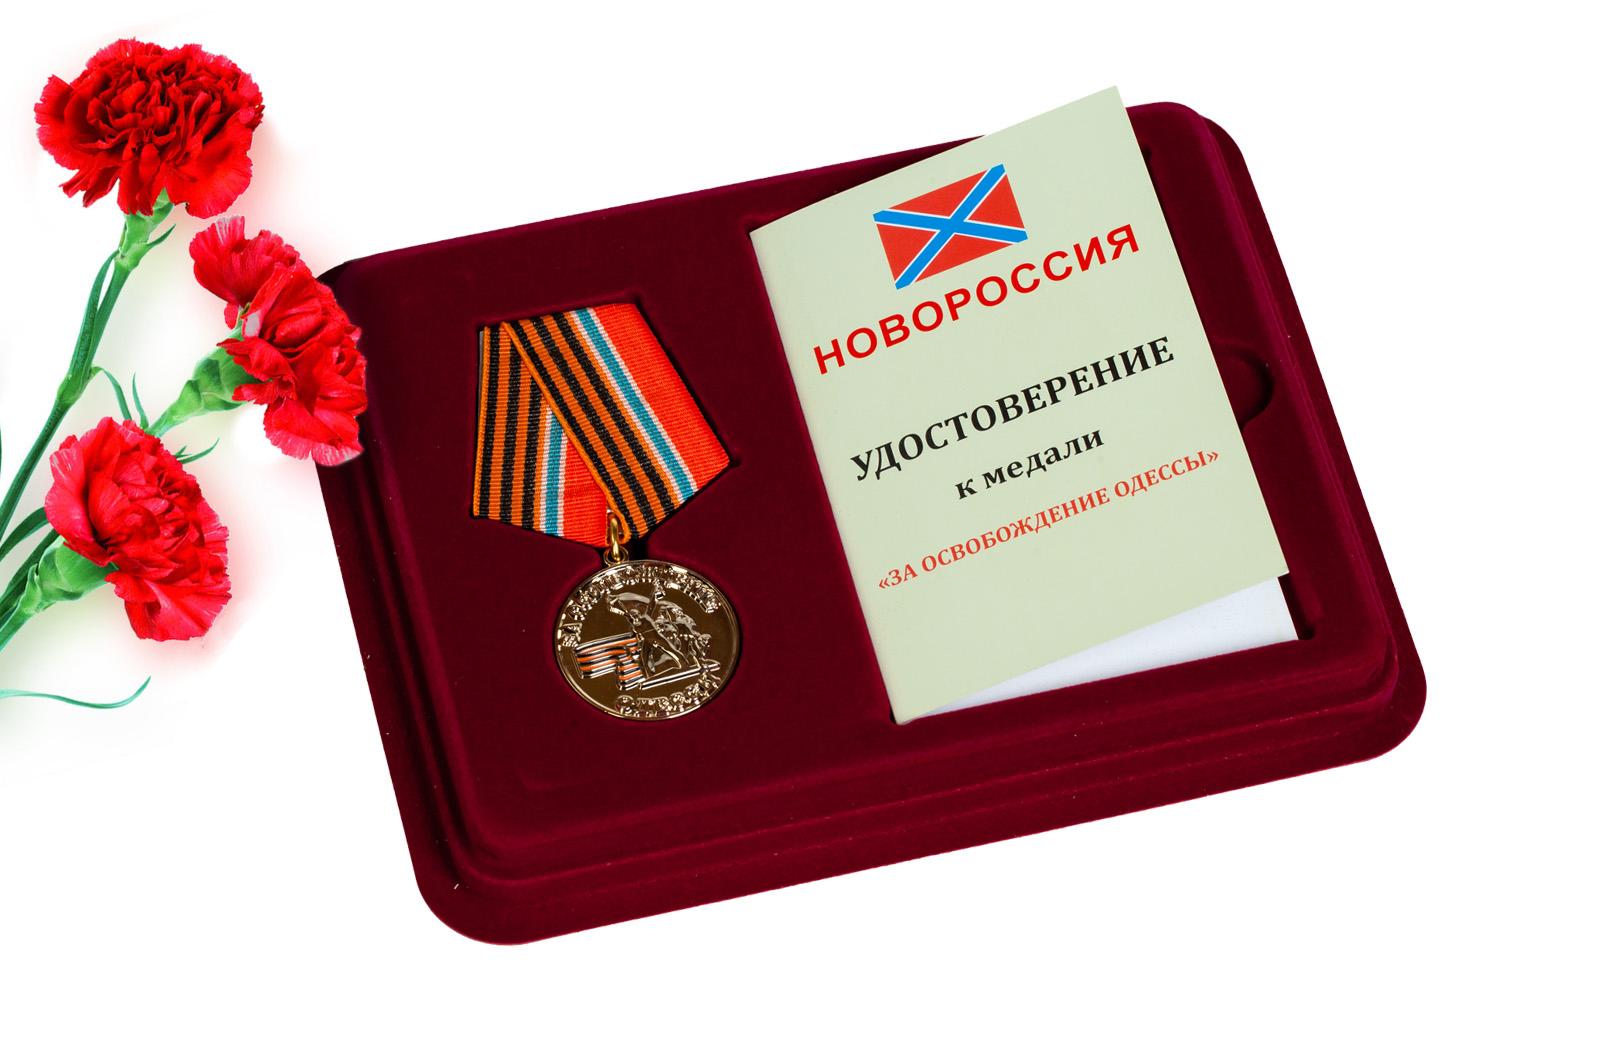 Купить памятную медаль Новороссии За освобождение Одессы онлайн